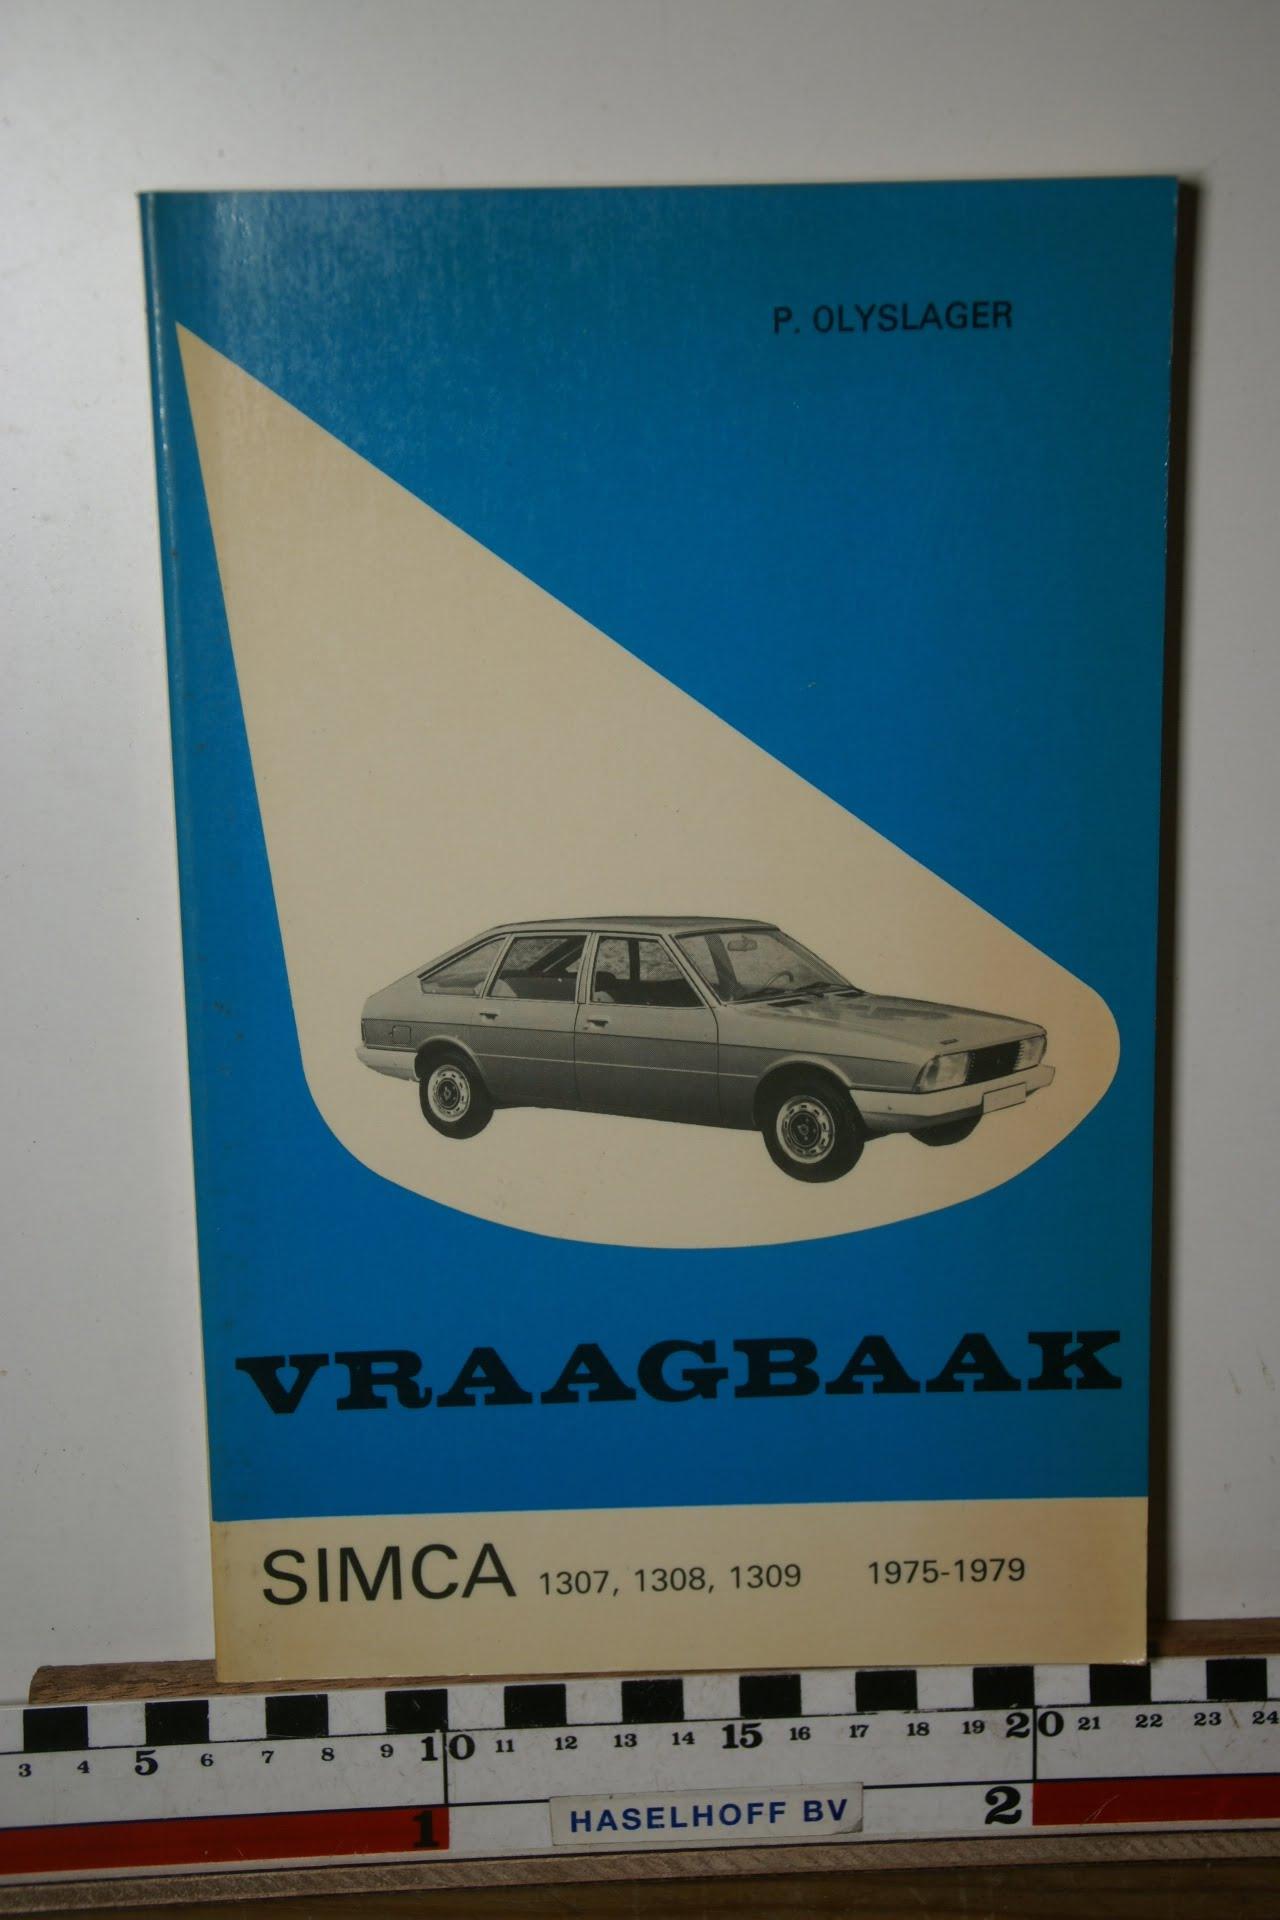 Olyslager vraagbaak Simca 180205-3693-0